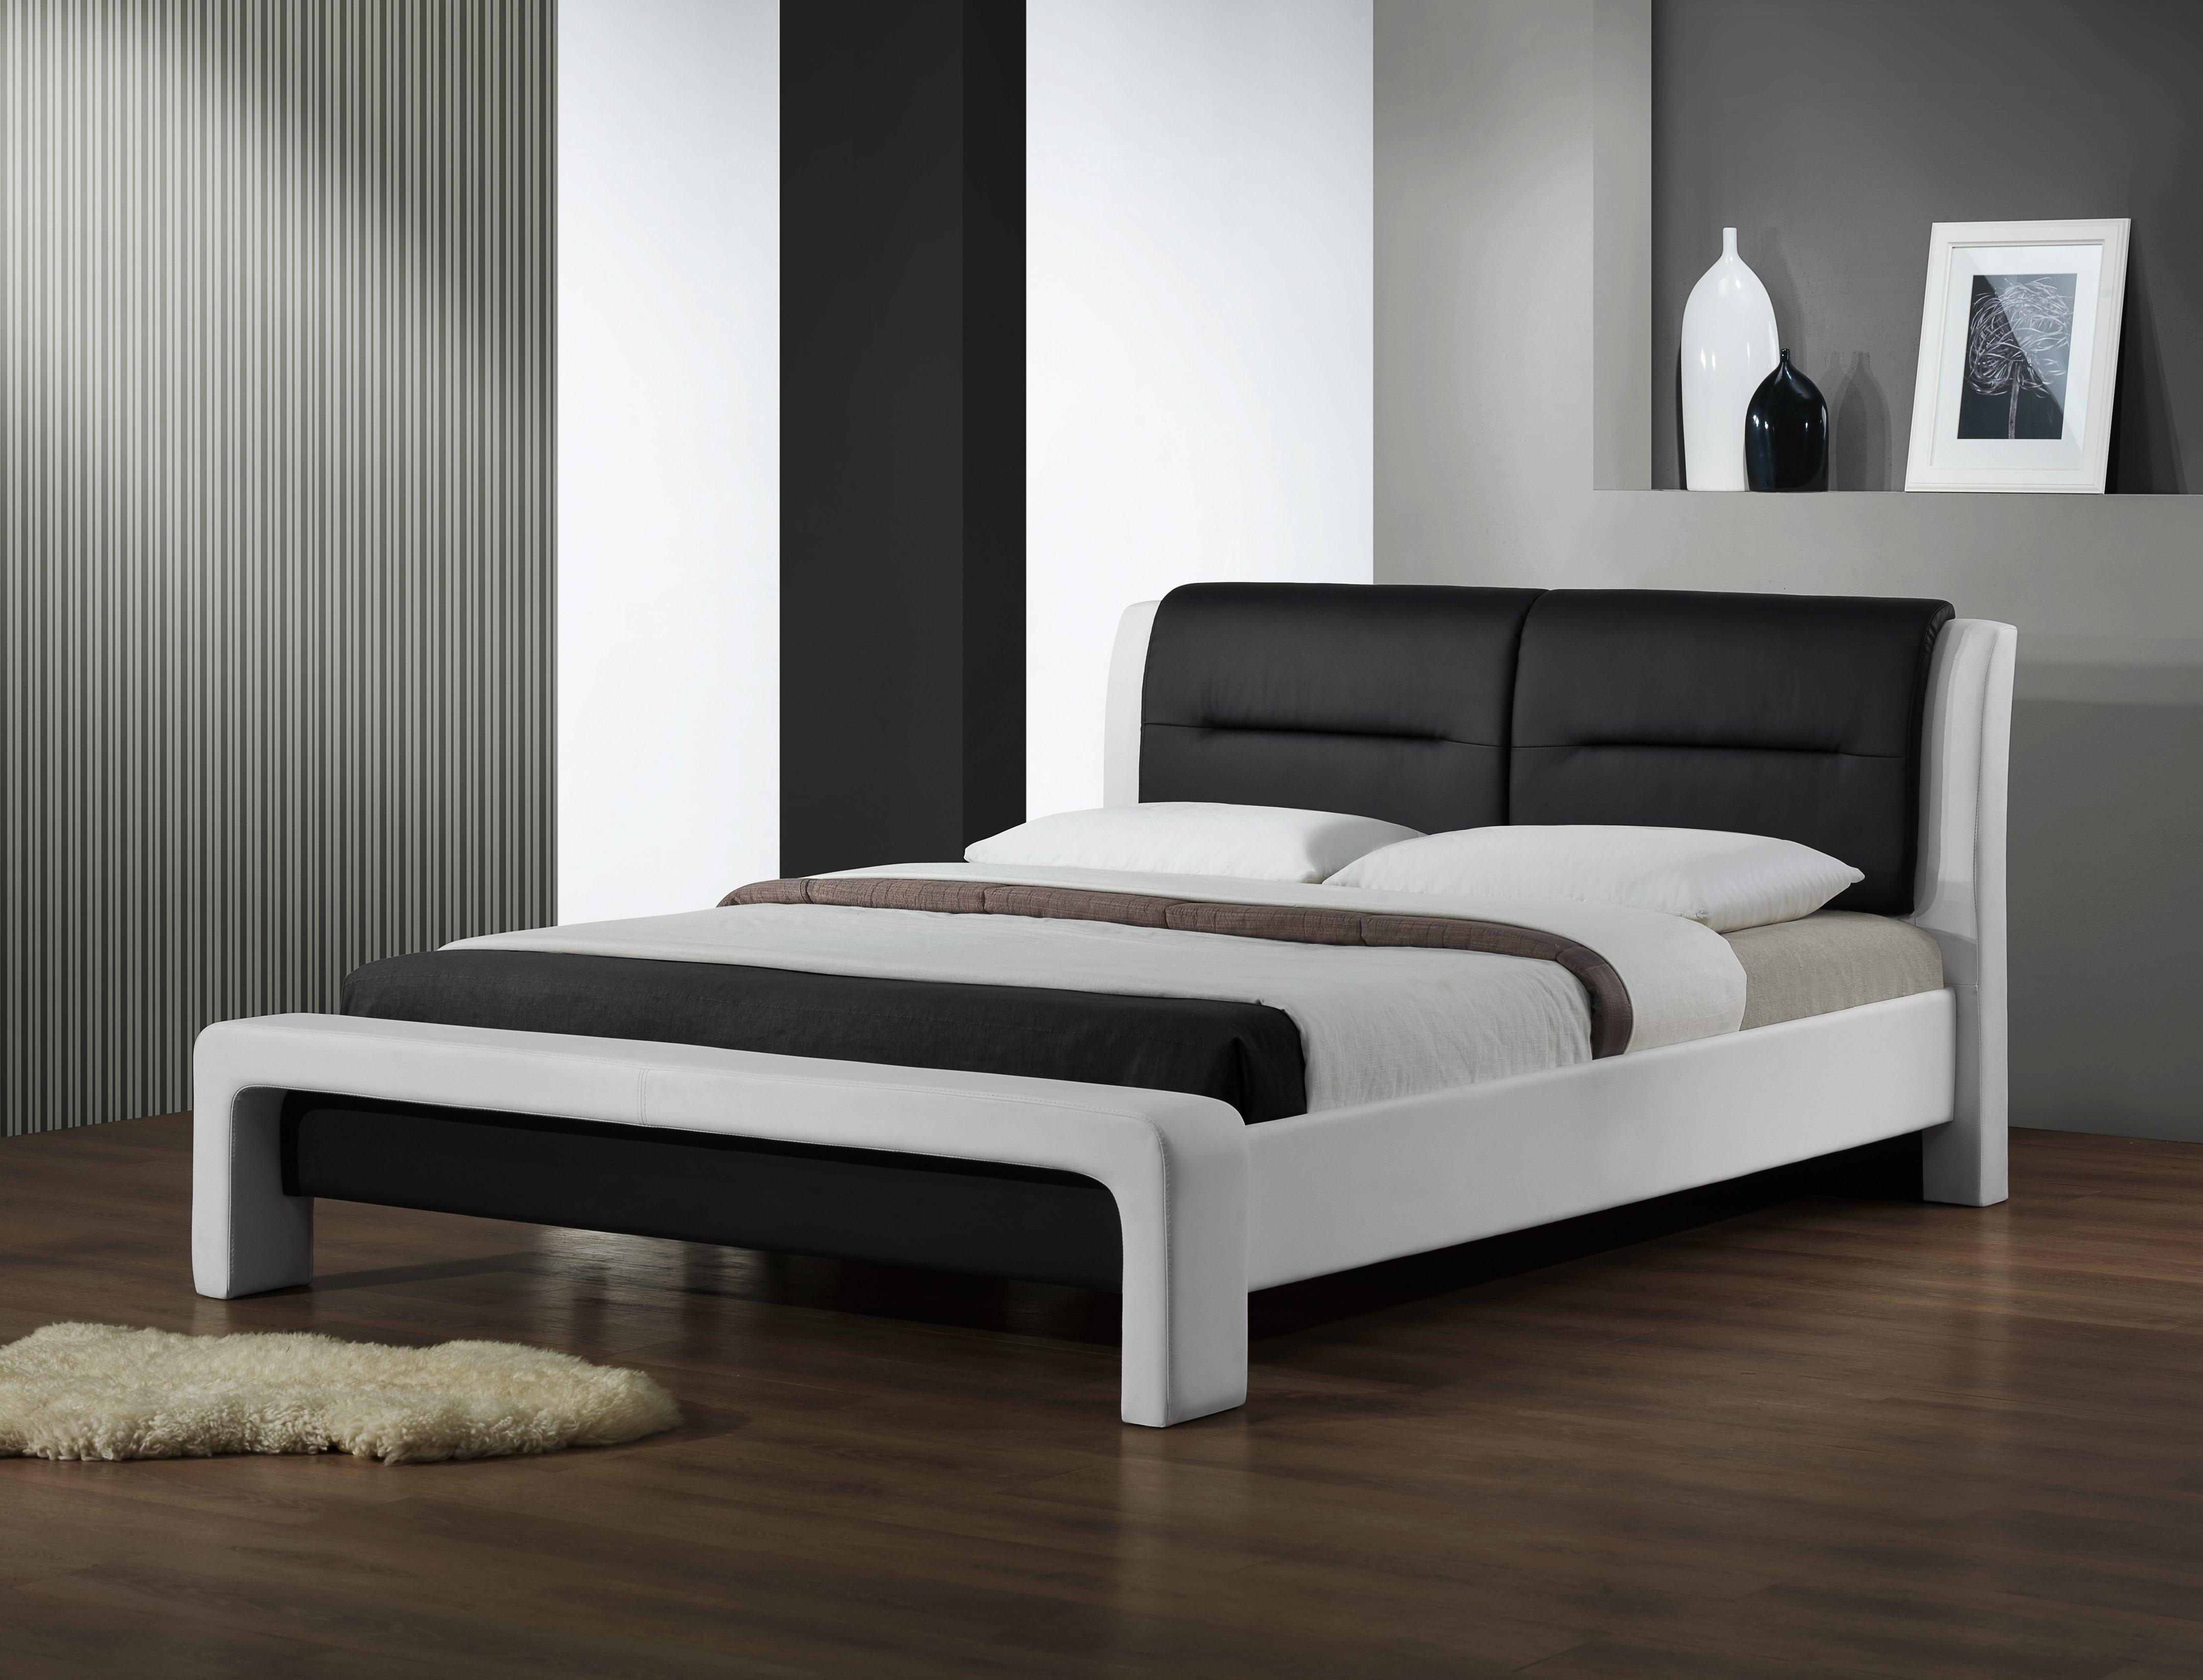 CASSANDRA 120 cm manželská postel